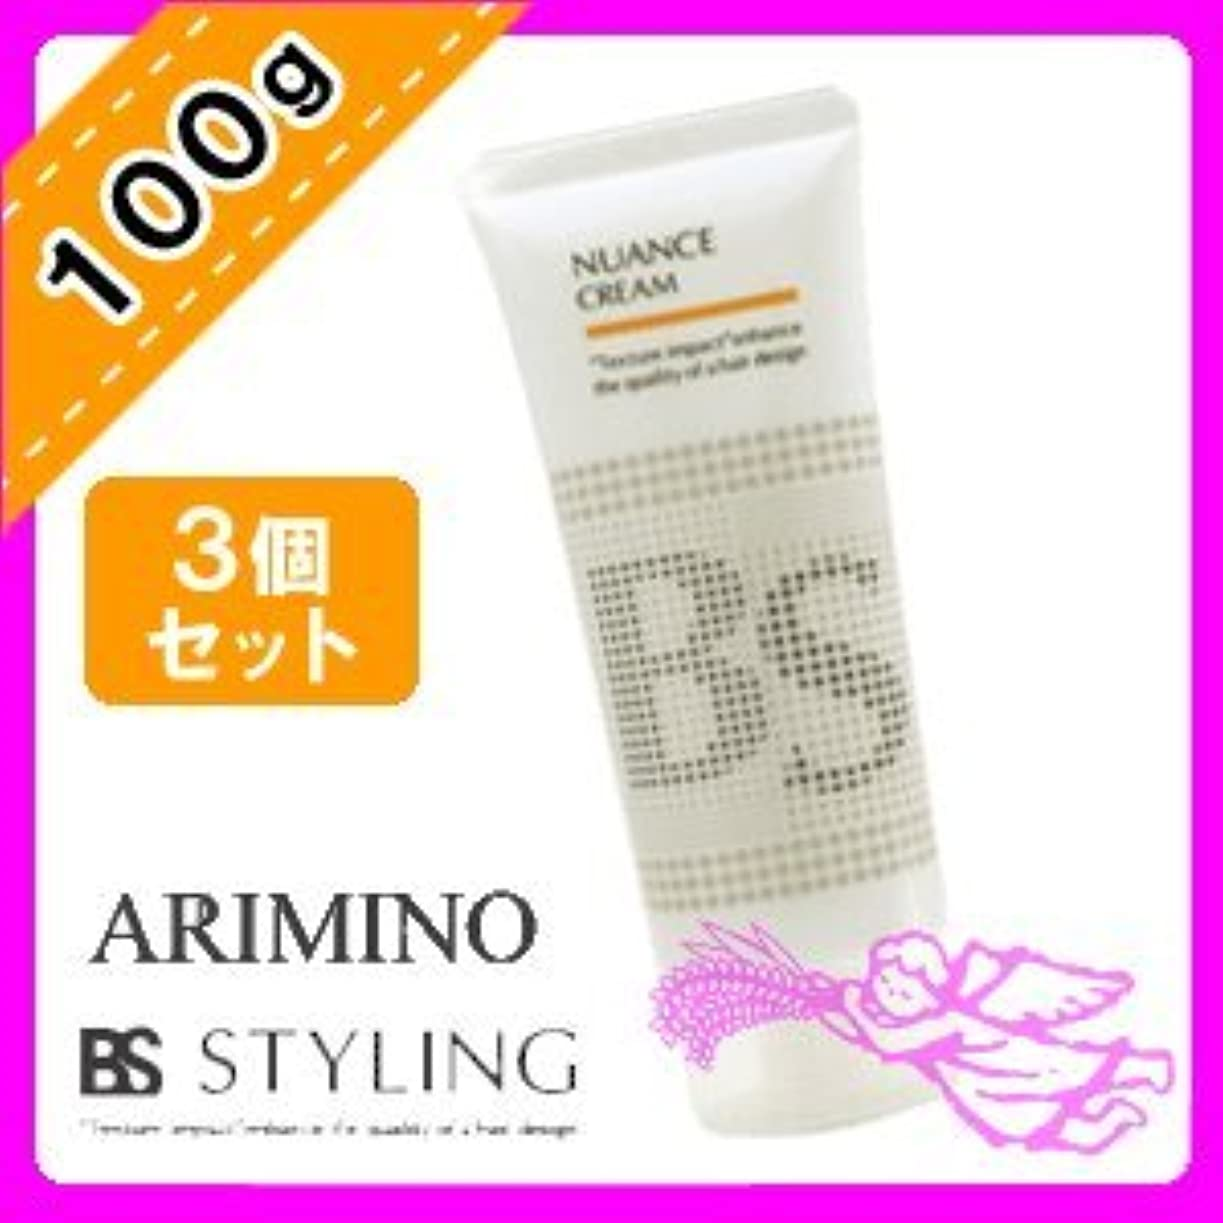 求人虫を数える大混乱アリミノ BSスタイリング ニュアンス クリーム 100g x 3個 セット arimino BS STYLING